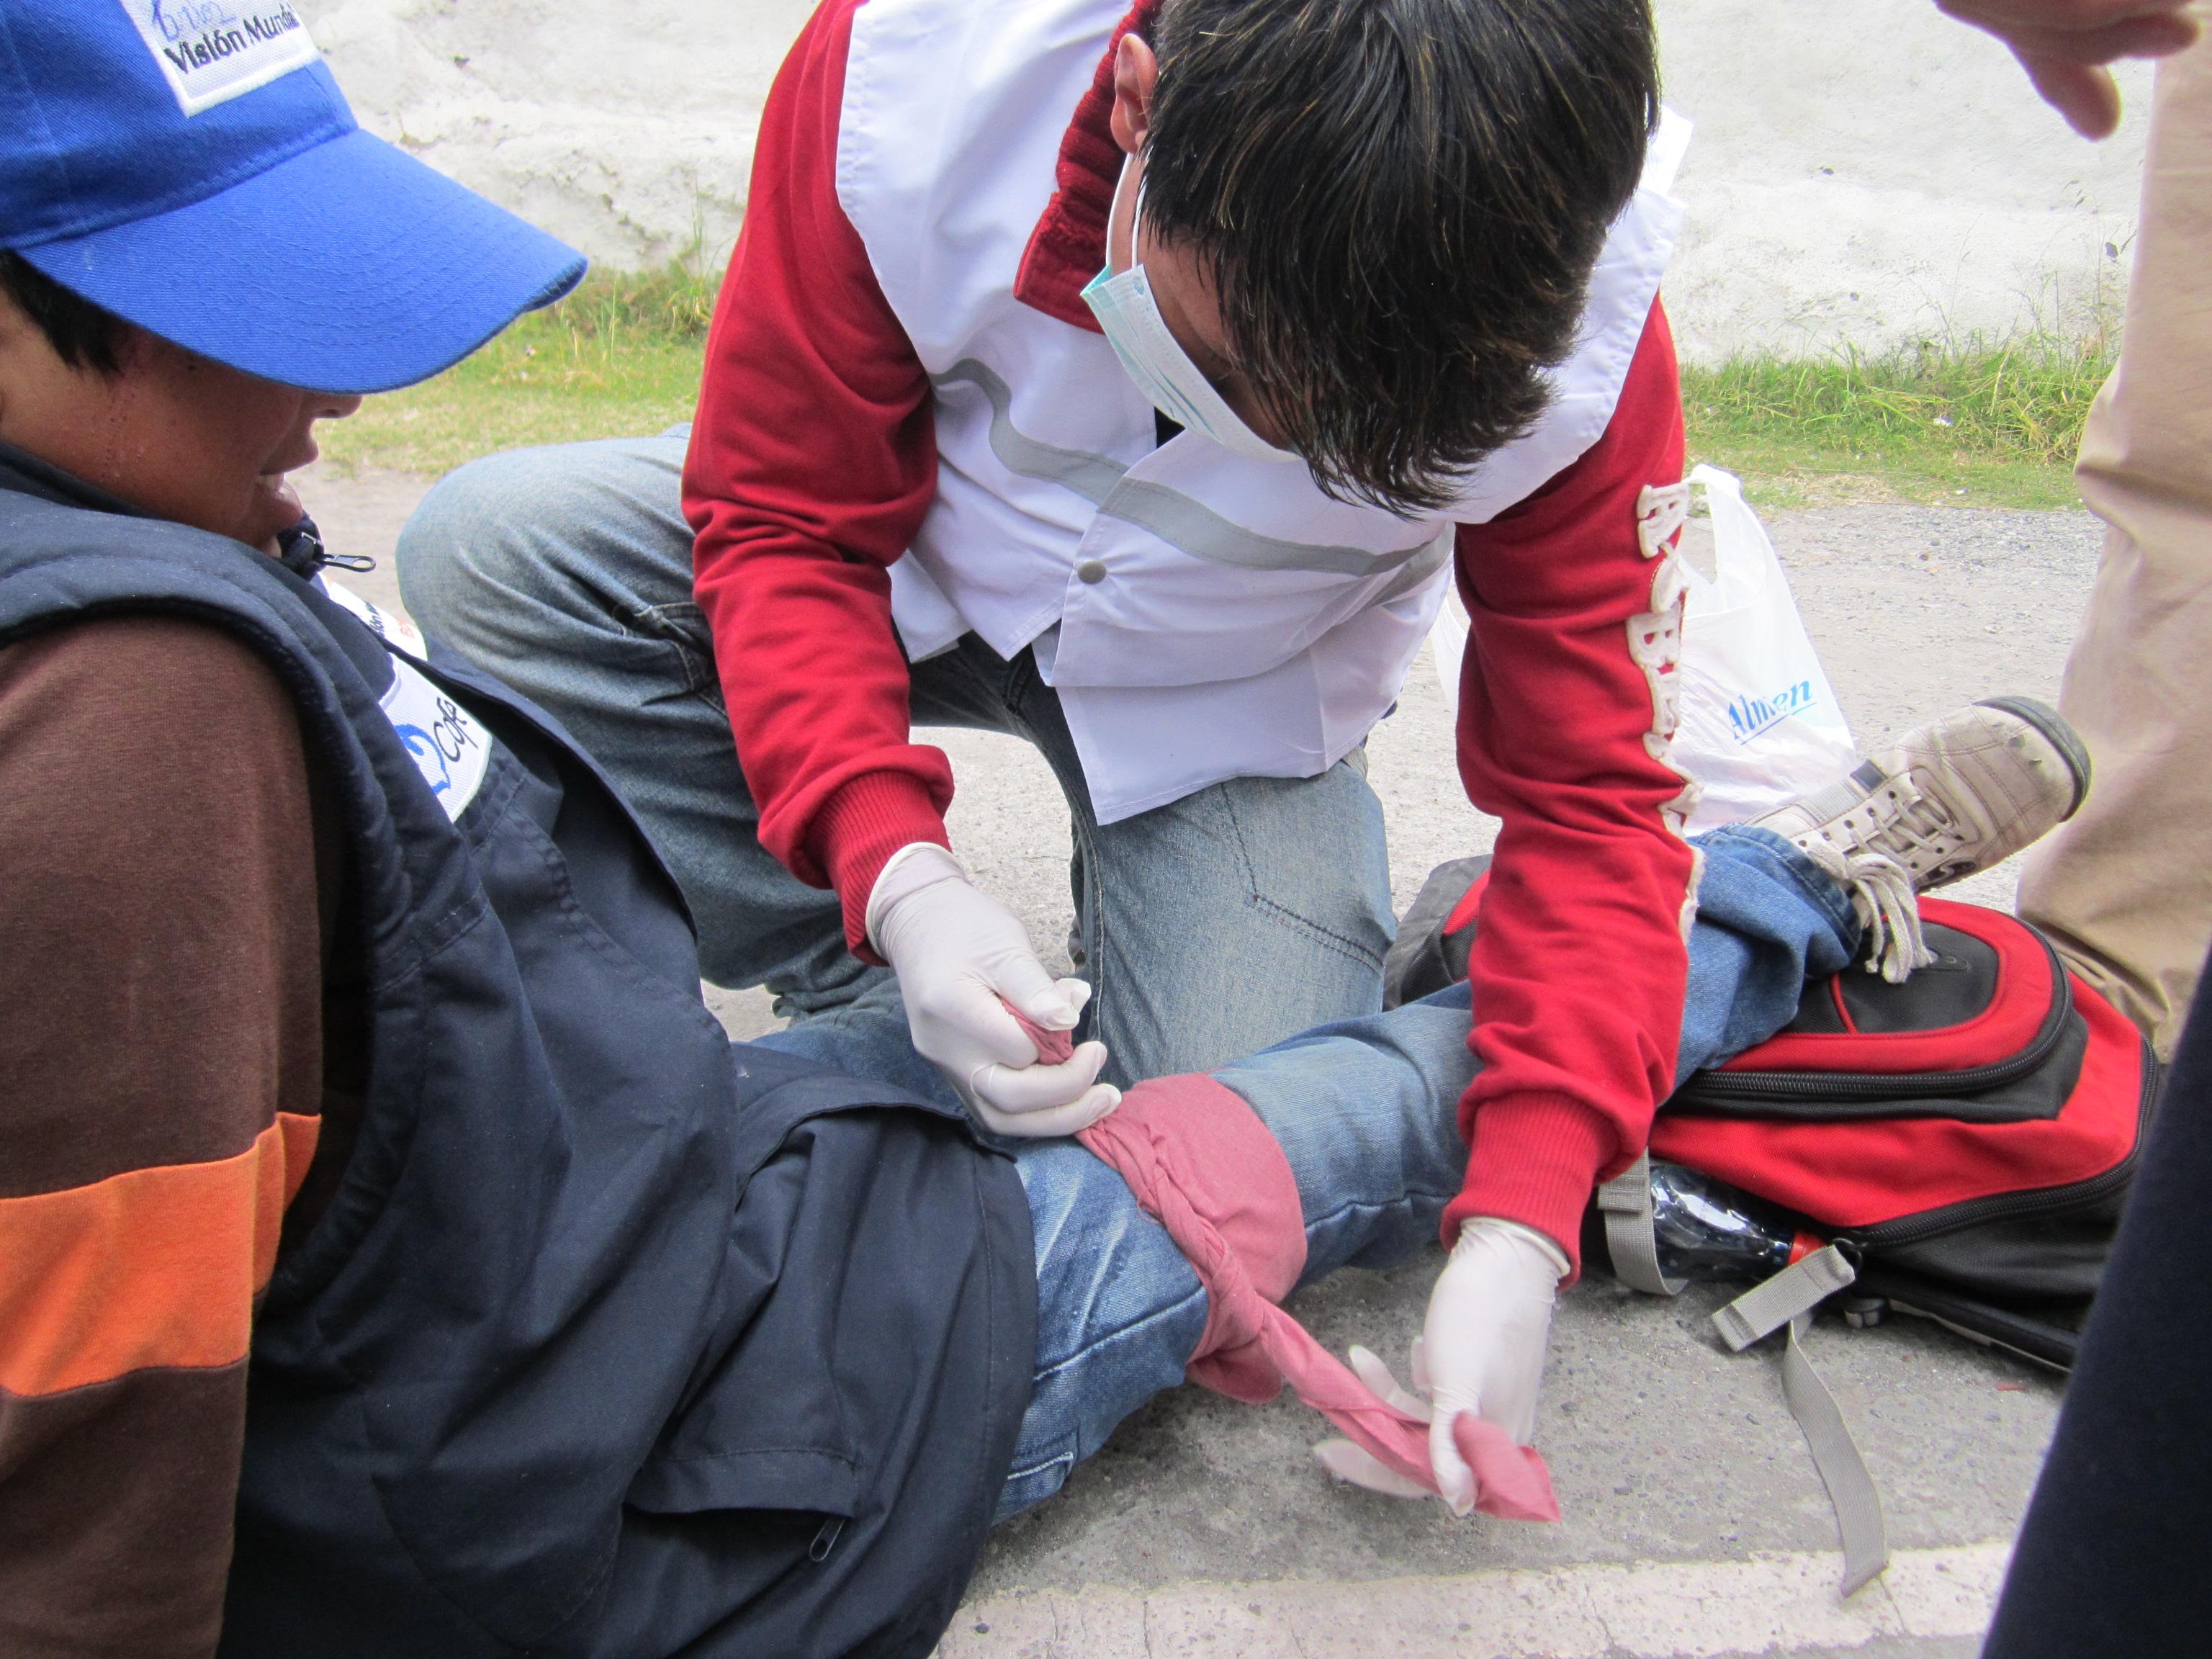 La Agencia Adventista prepara a la población con un simulacro de evacuación de emergencia  Noticias